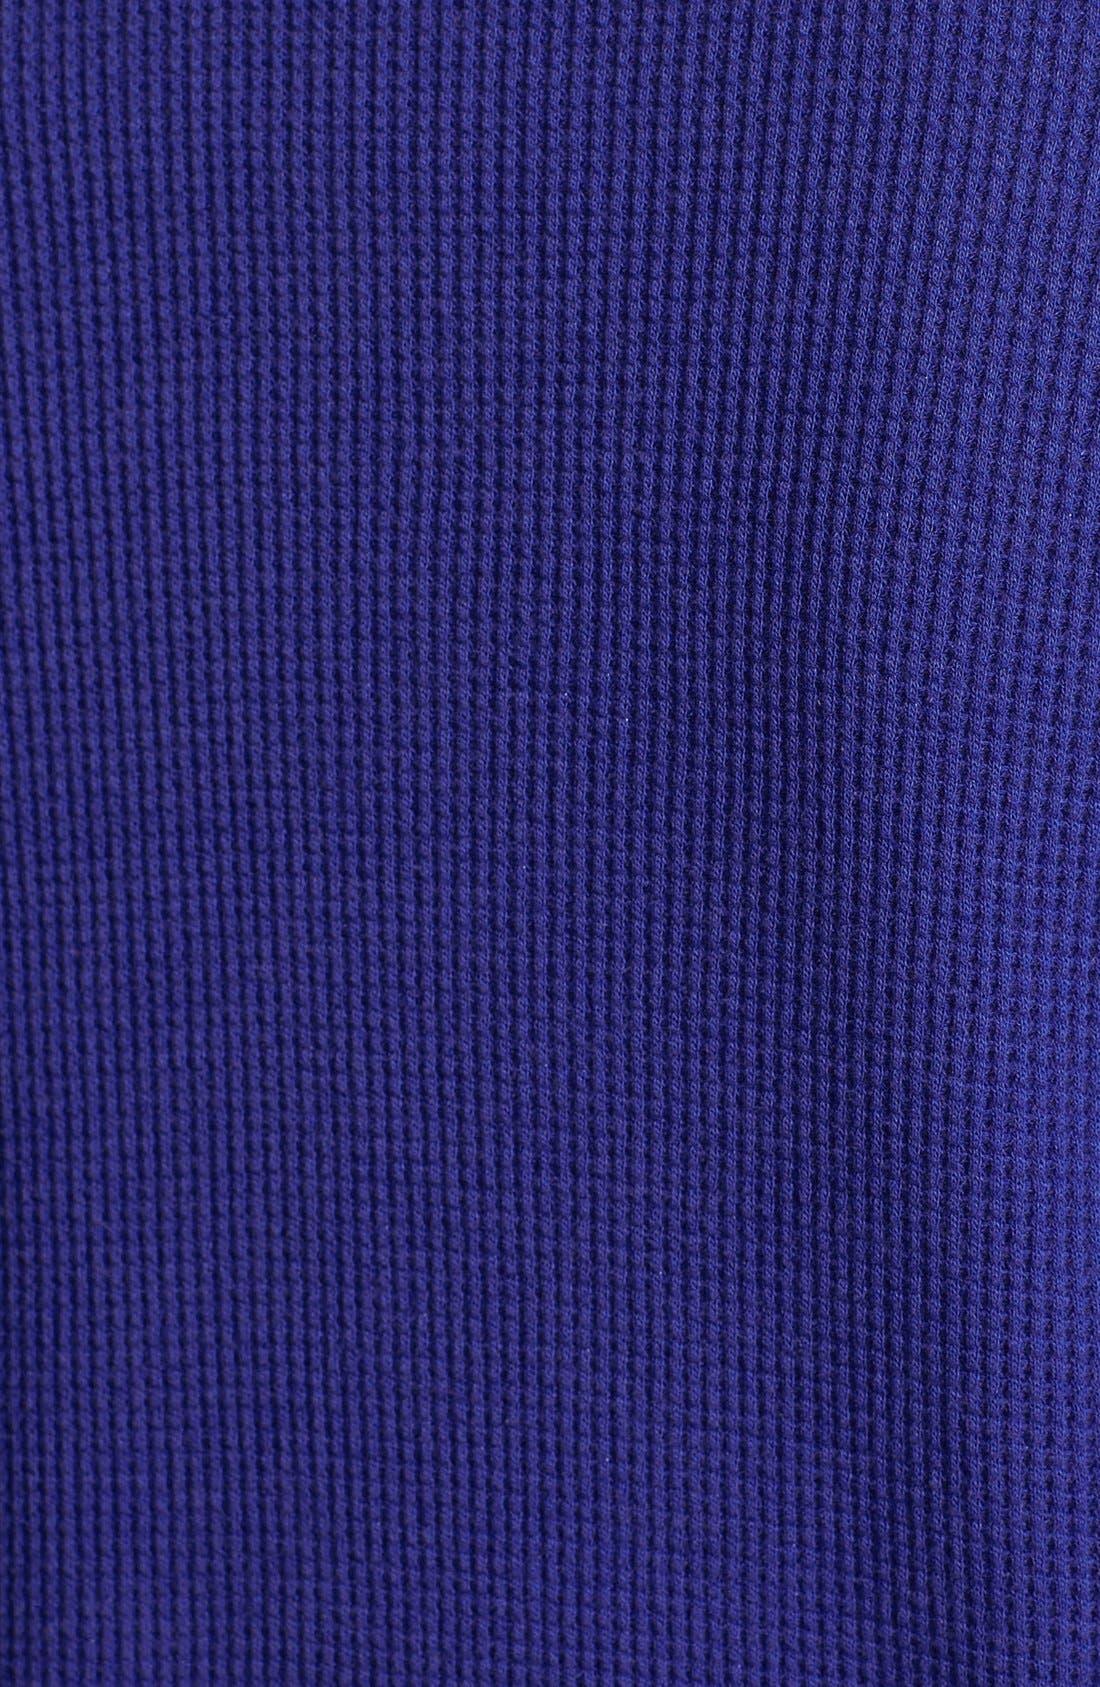 Alternate Image 3  - Pink Lotus Thermal Faux Wrap Top (Plus Size)